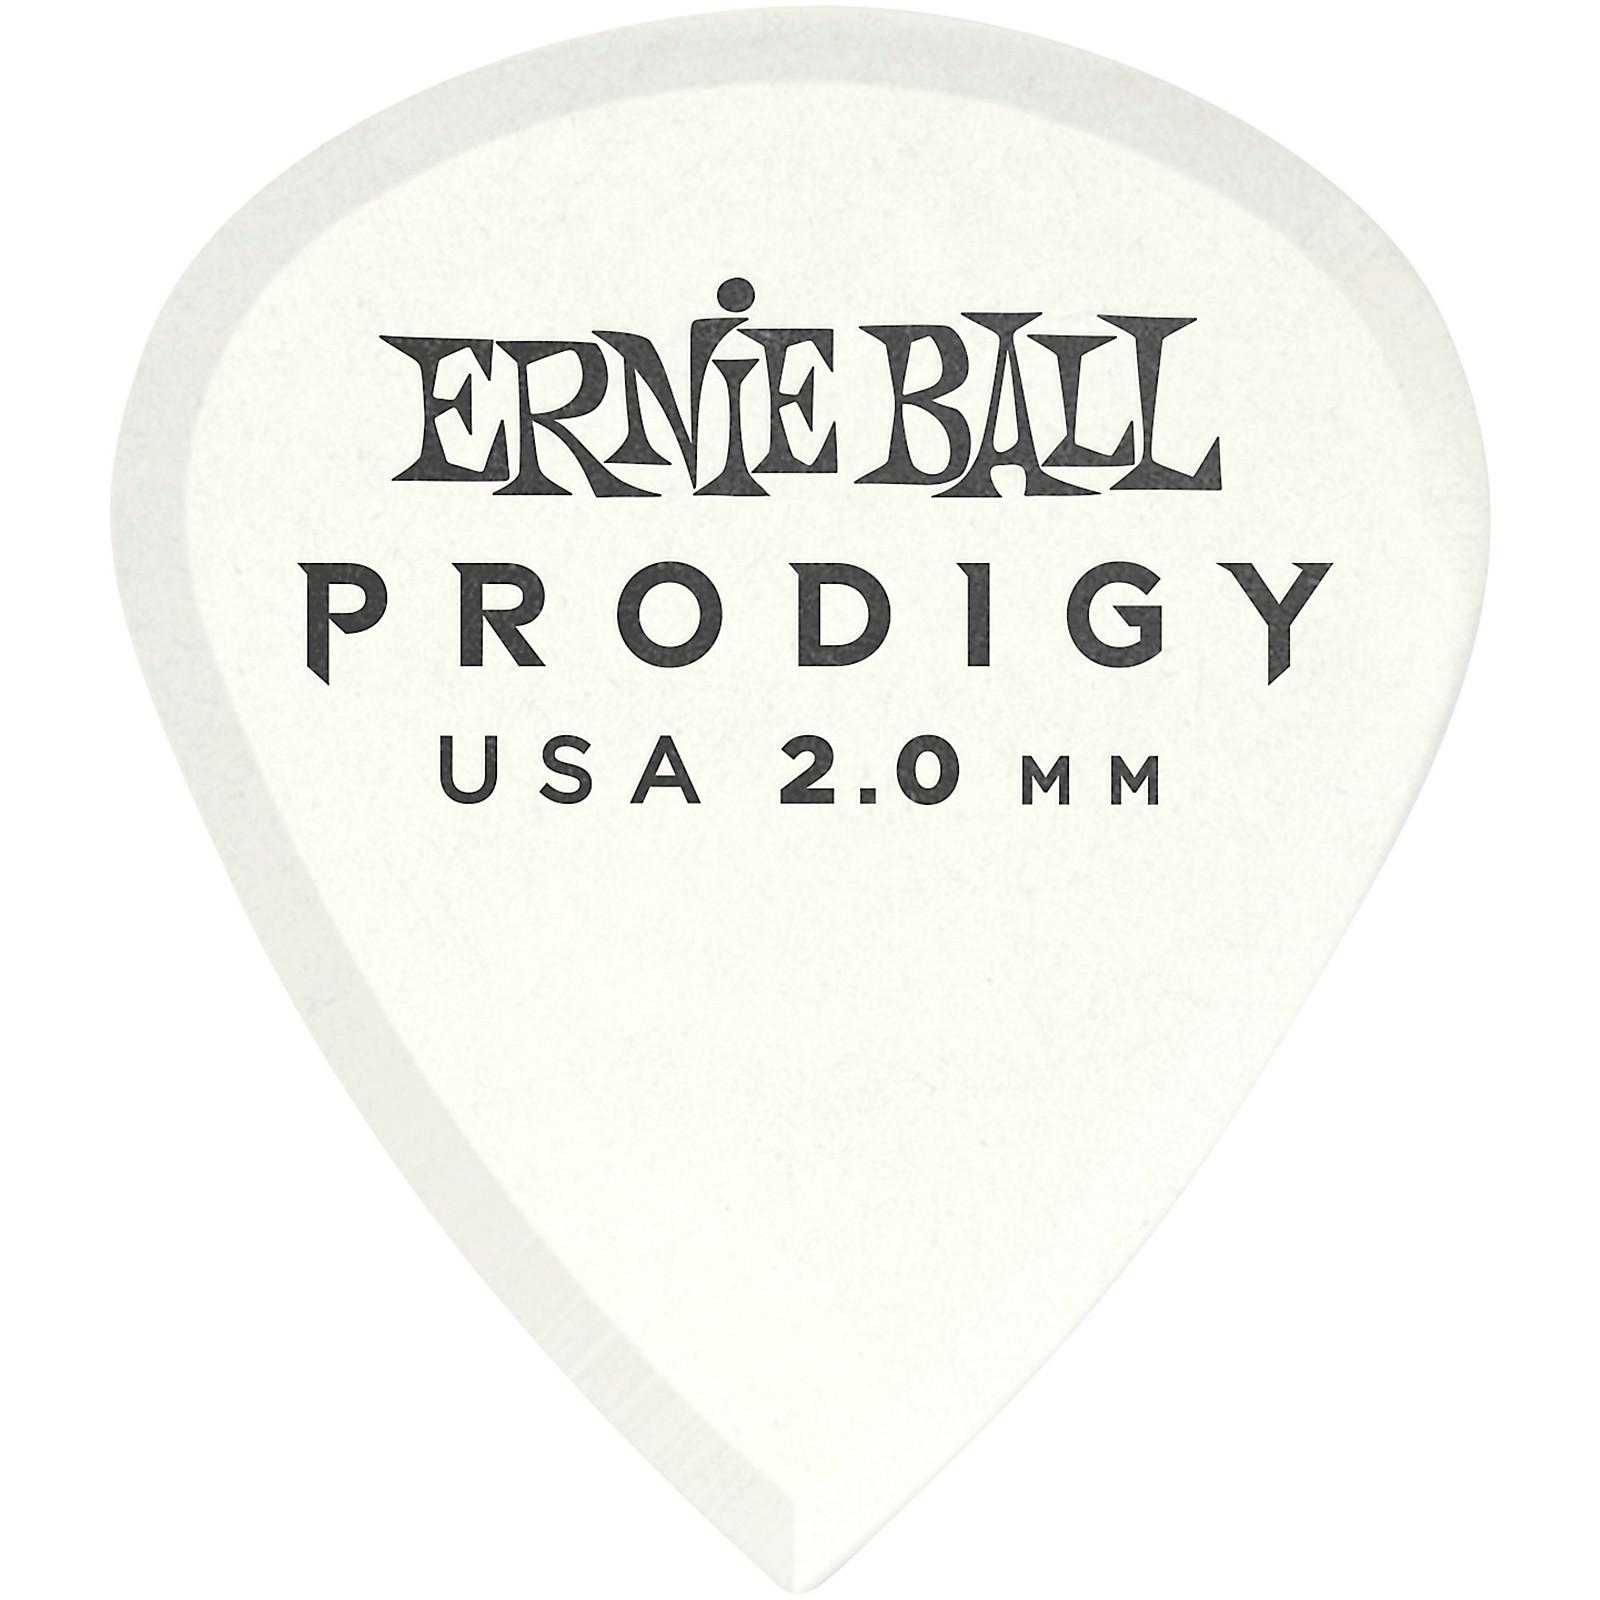 Ernie Ball Prodigy Picks Mini